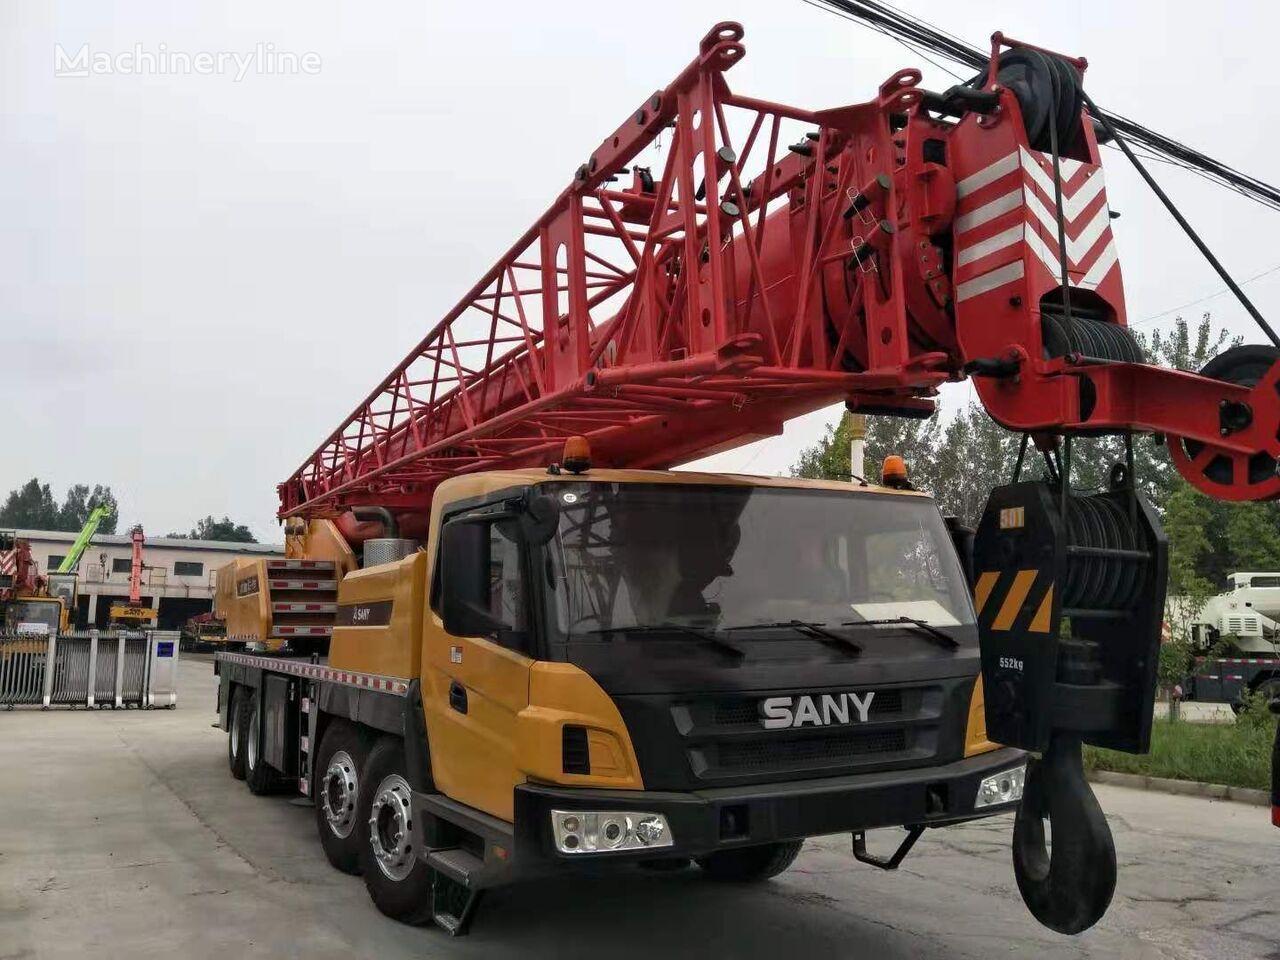 SANY STC500S grúa móvil nueva